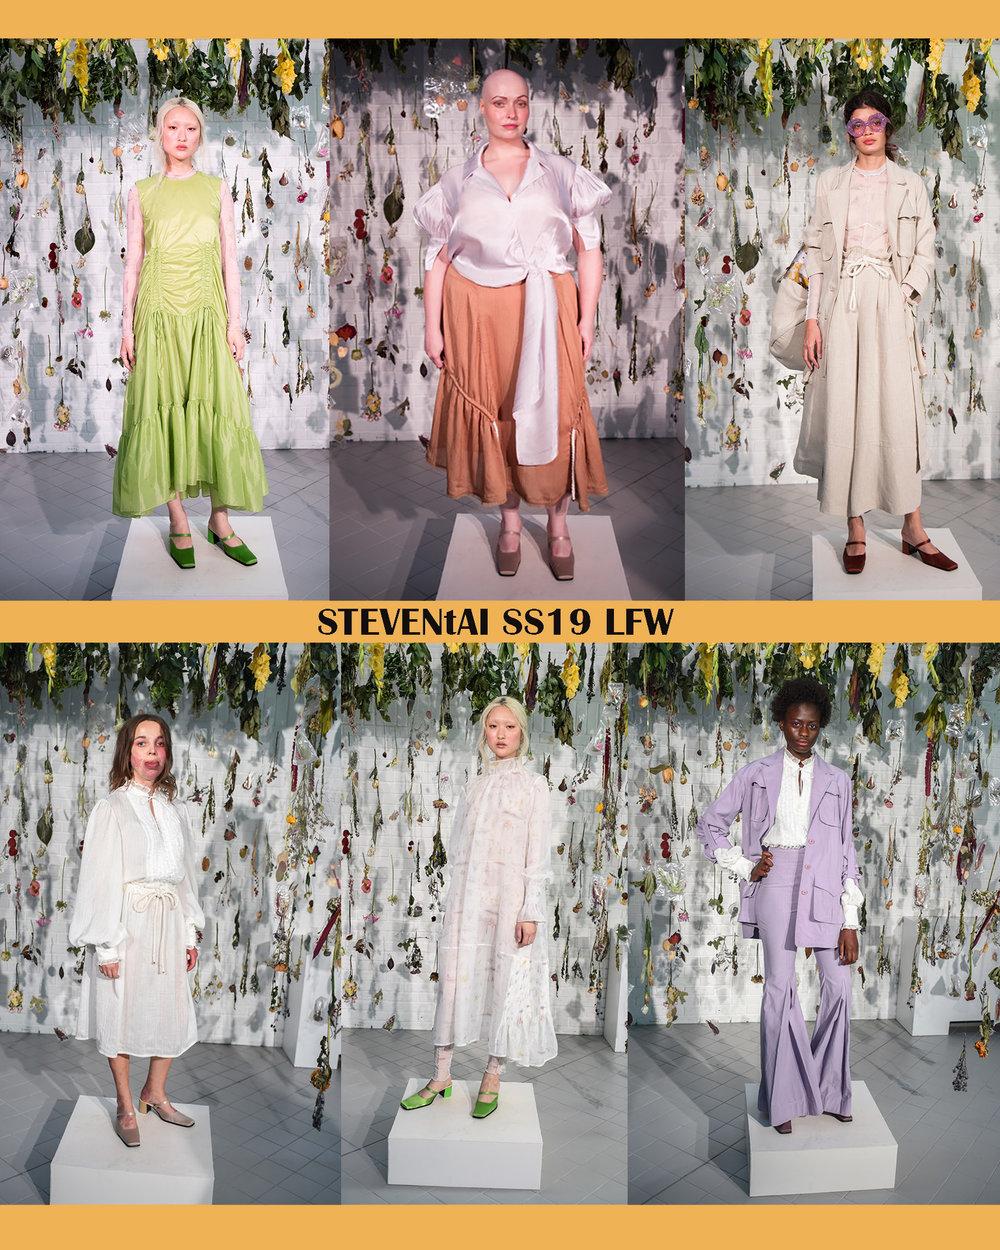 Steventai SS19 LFW